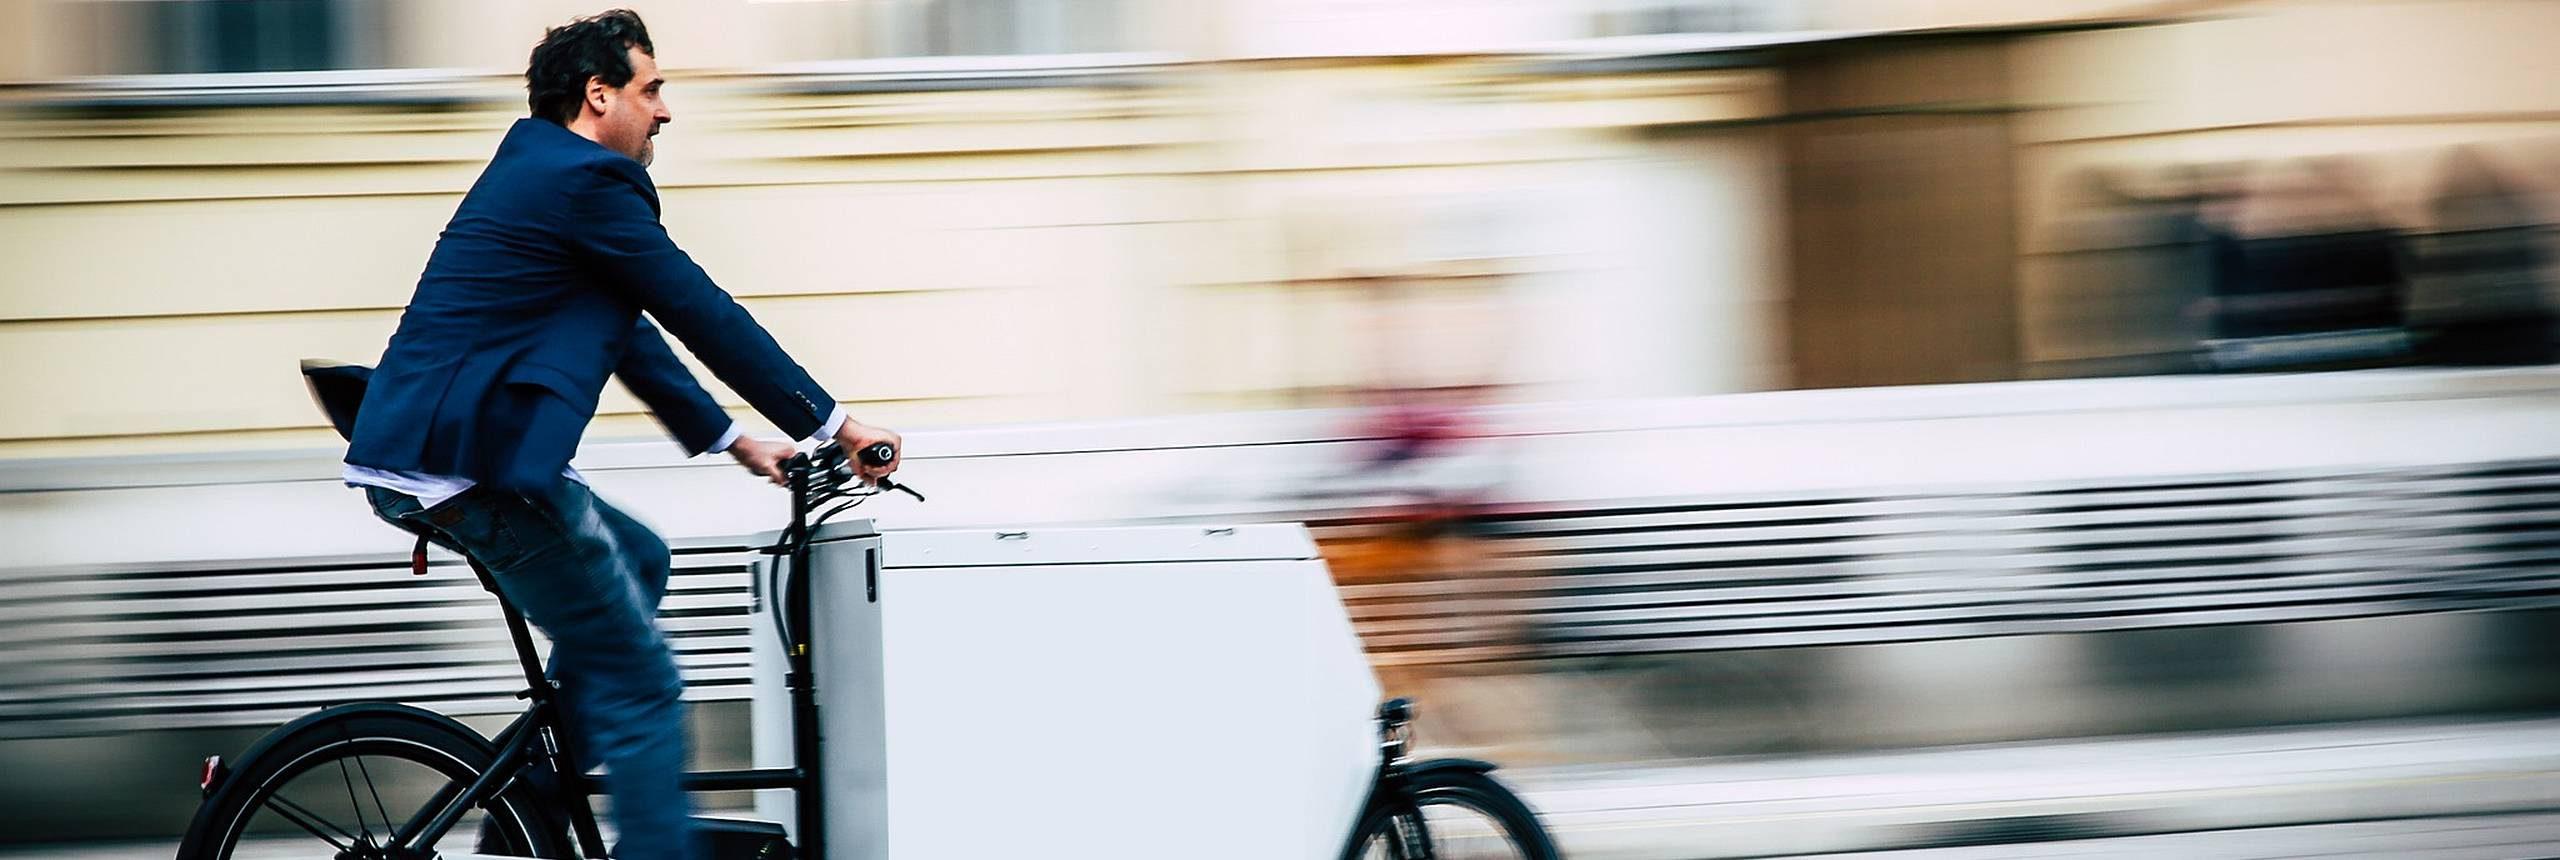 Mann fährt ein Transportfahrrad. Er trägt ein blaues Sakko. Foto: Christian Fürthner